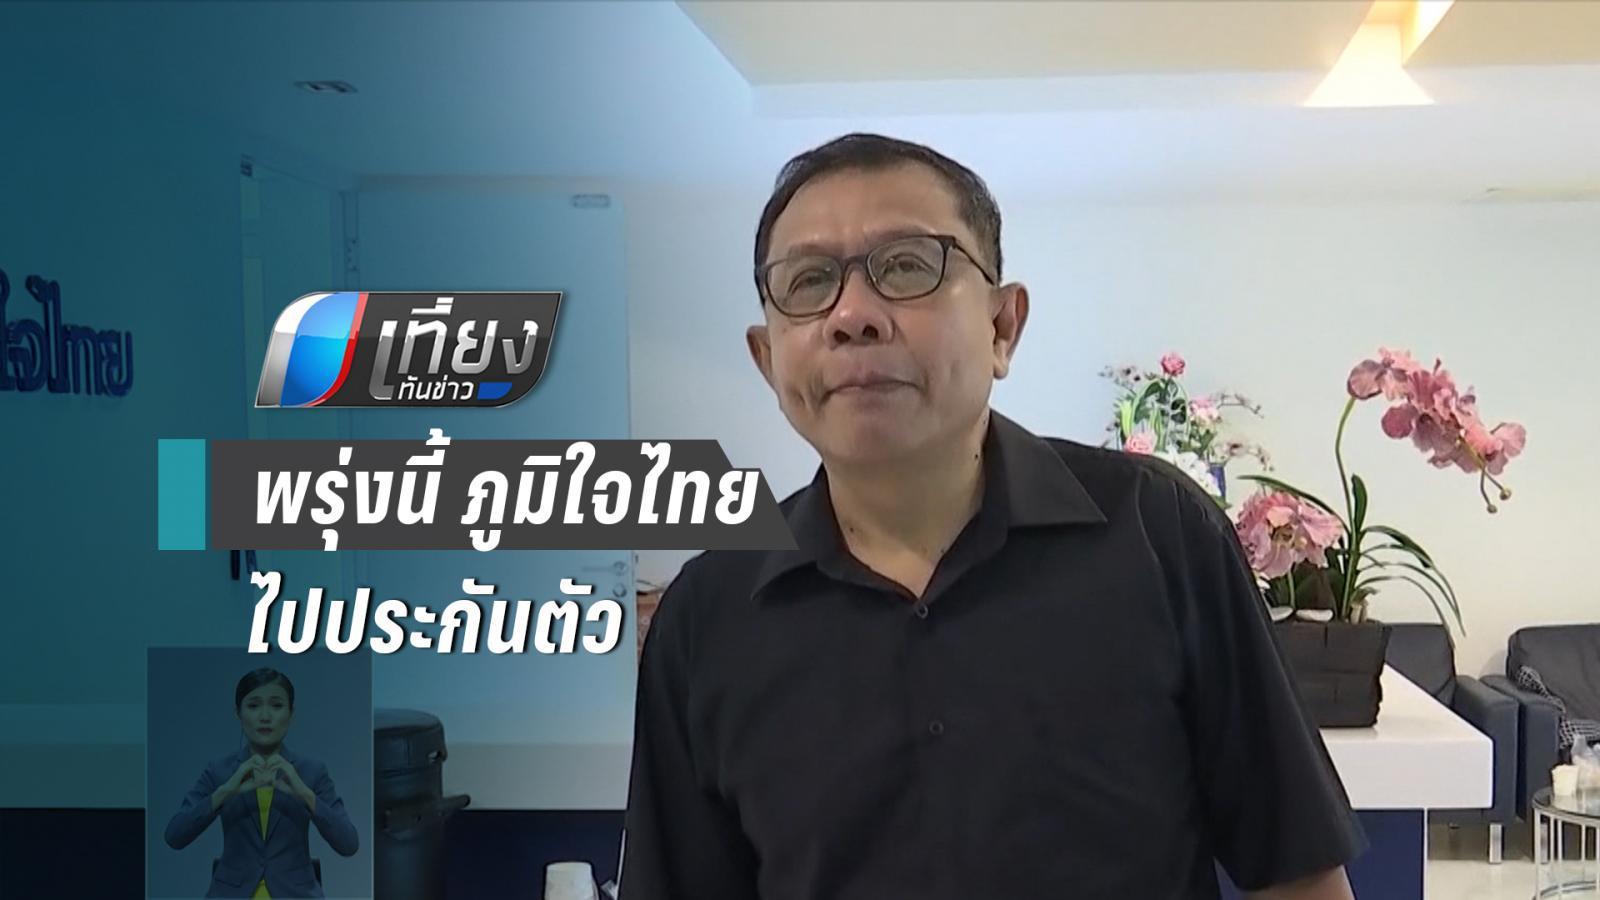 """พรุ่งนี้ """"ภูมิใจไทย"""" ไปประกันตัว """"เดชา ศิริภัทร"""" มูลนิธิขวัญข้าว ปมกัญชา"""